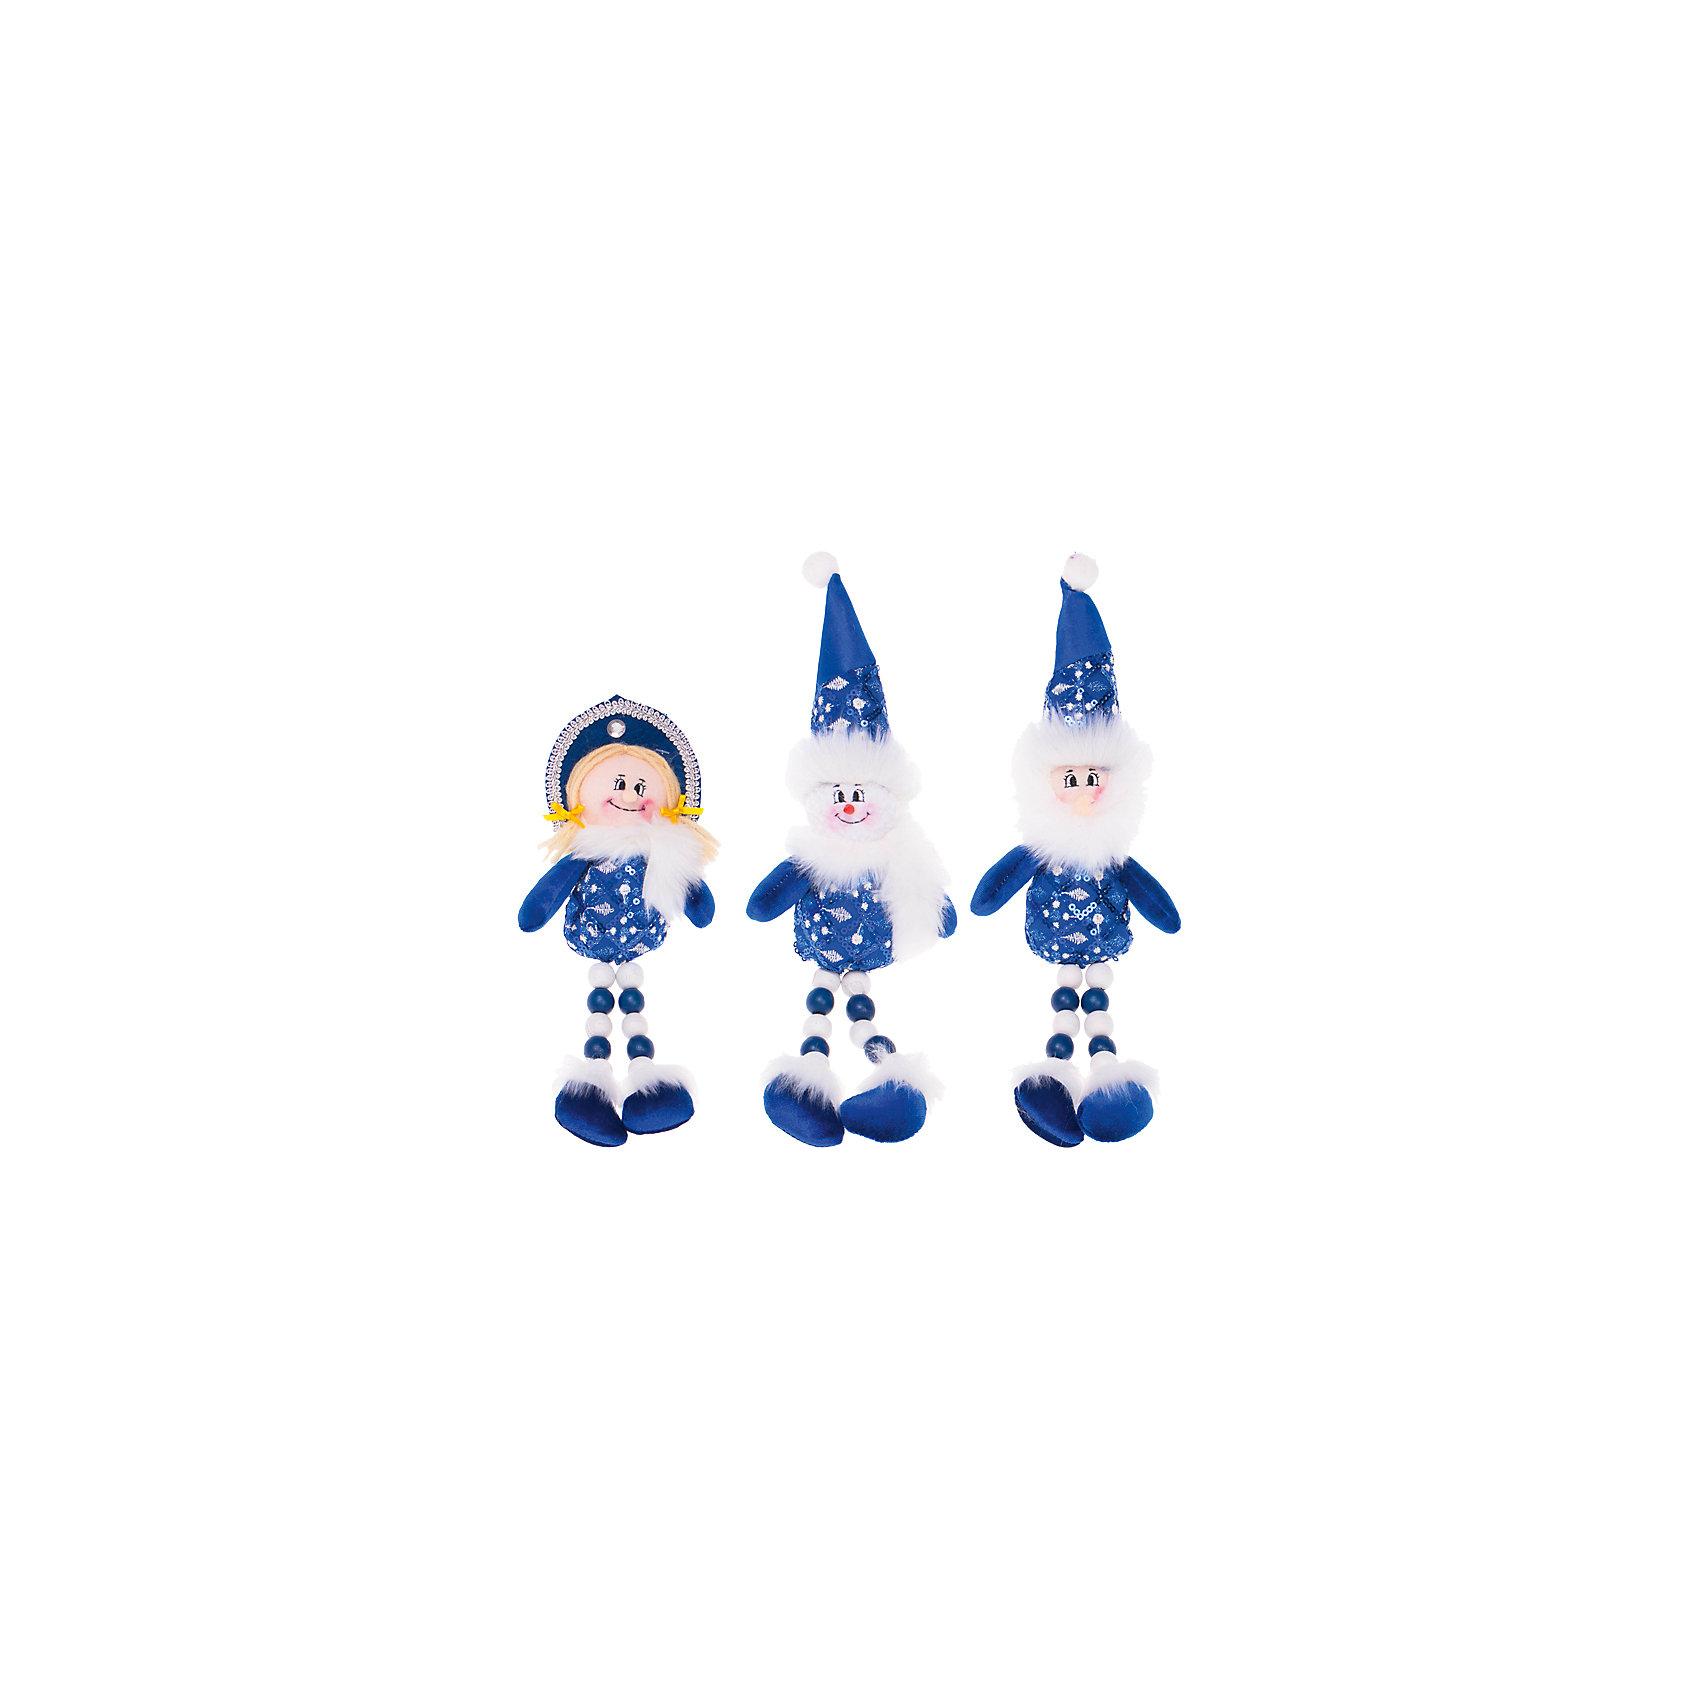 Синяя мягкая игрушка, 28 см, в ассортиментеВсё для праздника<br>Синяя мягкая игрушка, 28 см, в ассортименте - это замечательный и актуальный новогодний подарок для всех!<br>Синяя мягкая новогодняя игрушка станет замечательным украшением Вашего праздничного интерьера и приятным подарком для родных и друзей. Она порадует и взрослых и детей и поможет создать волшебную атмосферу новогодних праздников. В ассортименте представлены игрушки, выполненные в виде Деда Мороза, Снегурочки и снеговика.<br><br>Дополнительная информация:<br><br>- В ассортименте 3 вида: Дед Мороз, Снеговик, Снегурочка<br>- Высота: 28 см.<br>- Цвет: синий<br>- ВНИМАНИЕ! Данный артикул представлен в разных вариантах исполнения. К сожалению, заранее выбрать определенный вариант невозможно. При заказе нескольких игрушек возможно получение одинаковых<br><br>Синюю мягкую игрушку, 28 см, в ассортименте можно купить в нашем интернет-магазине.<br><br>Ширина мм: 100<br>Глубина мм: 10<br>Высота мм: 280<br>Вес г: 50<br>Возраст от месяцев: 36<br>Возраст до месяцев: 2147483647<br>Пол: Унисекс<br>Возраст: Детский<br>SKU: 4437448